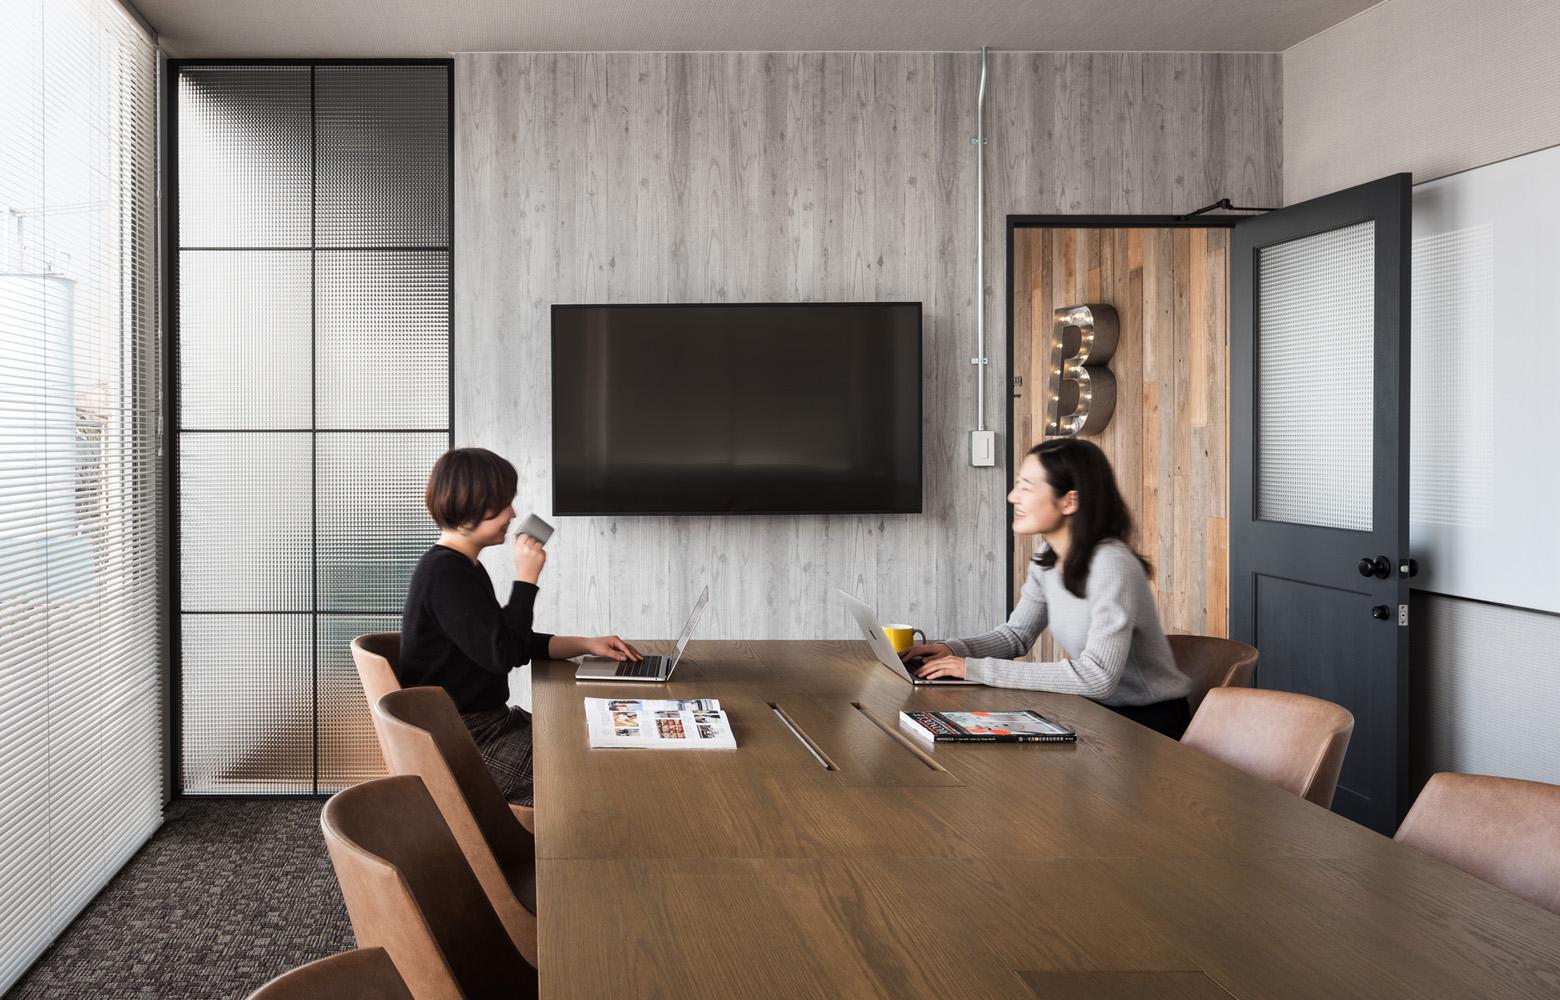 ベイラインエクスプレス株式会社 Meeting Room デザイン・レイアウト事例